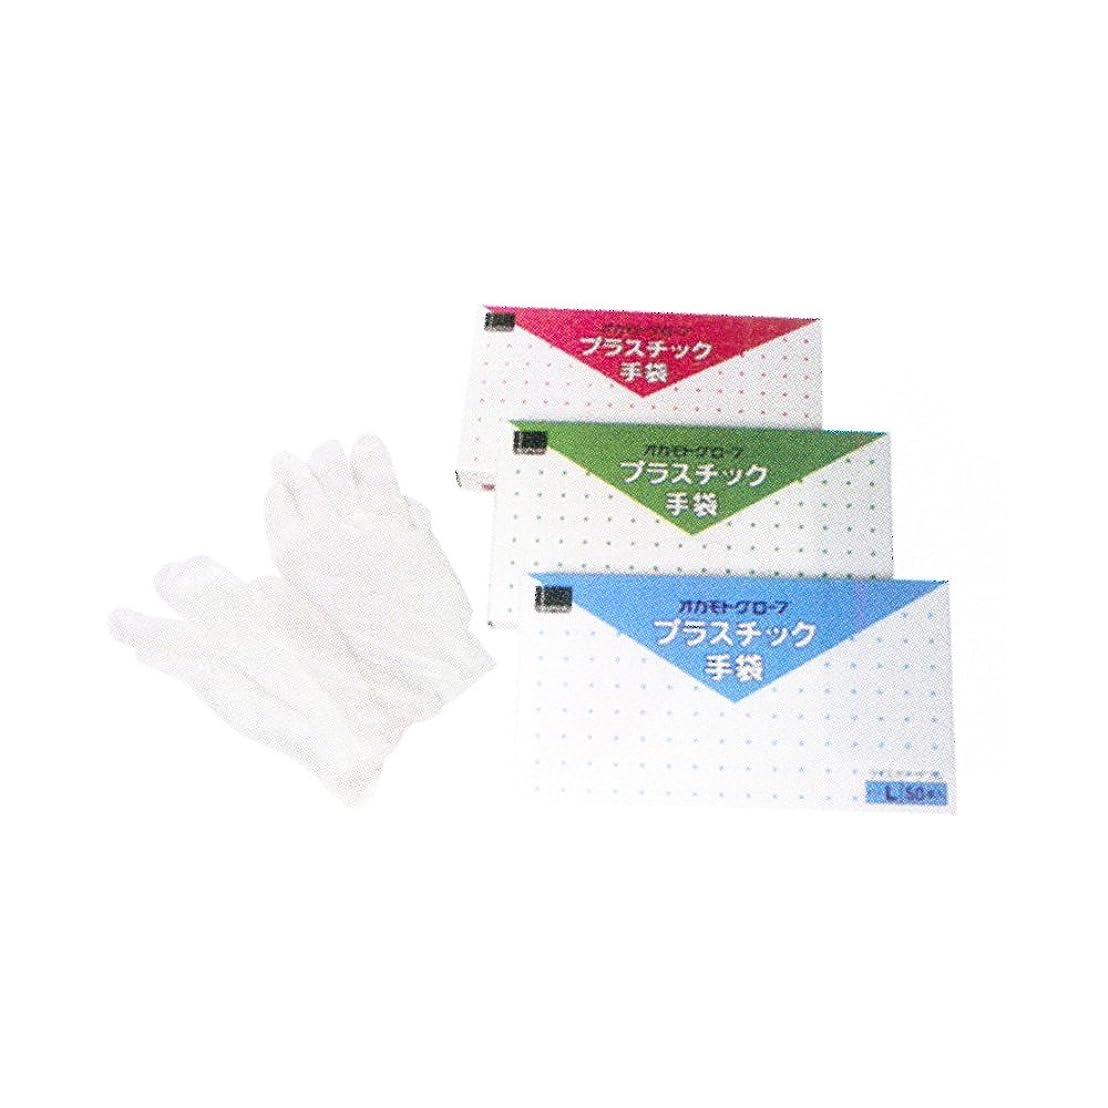 補助金テザーワーディアンケースオカモト プラスチックグローブ(50枚入) M